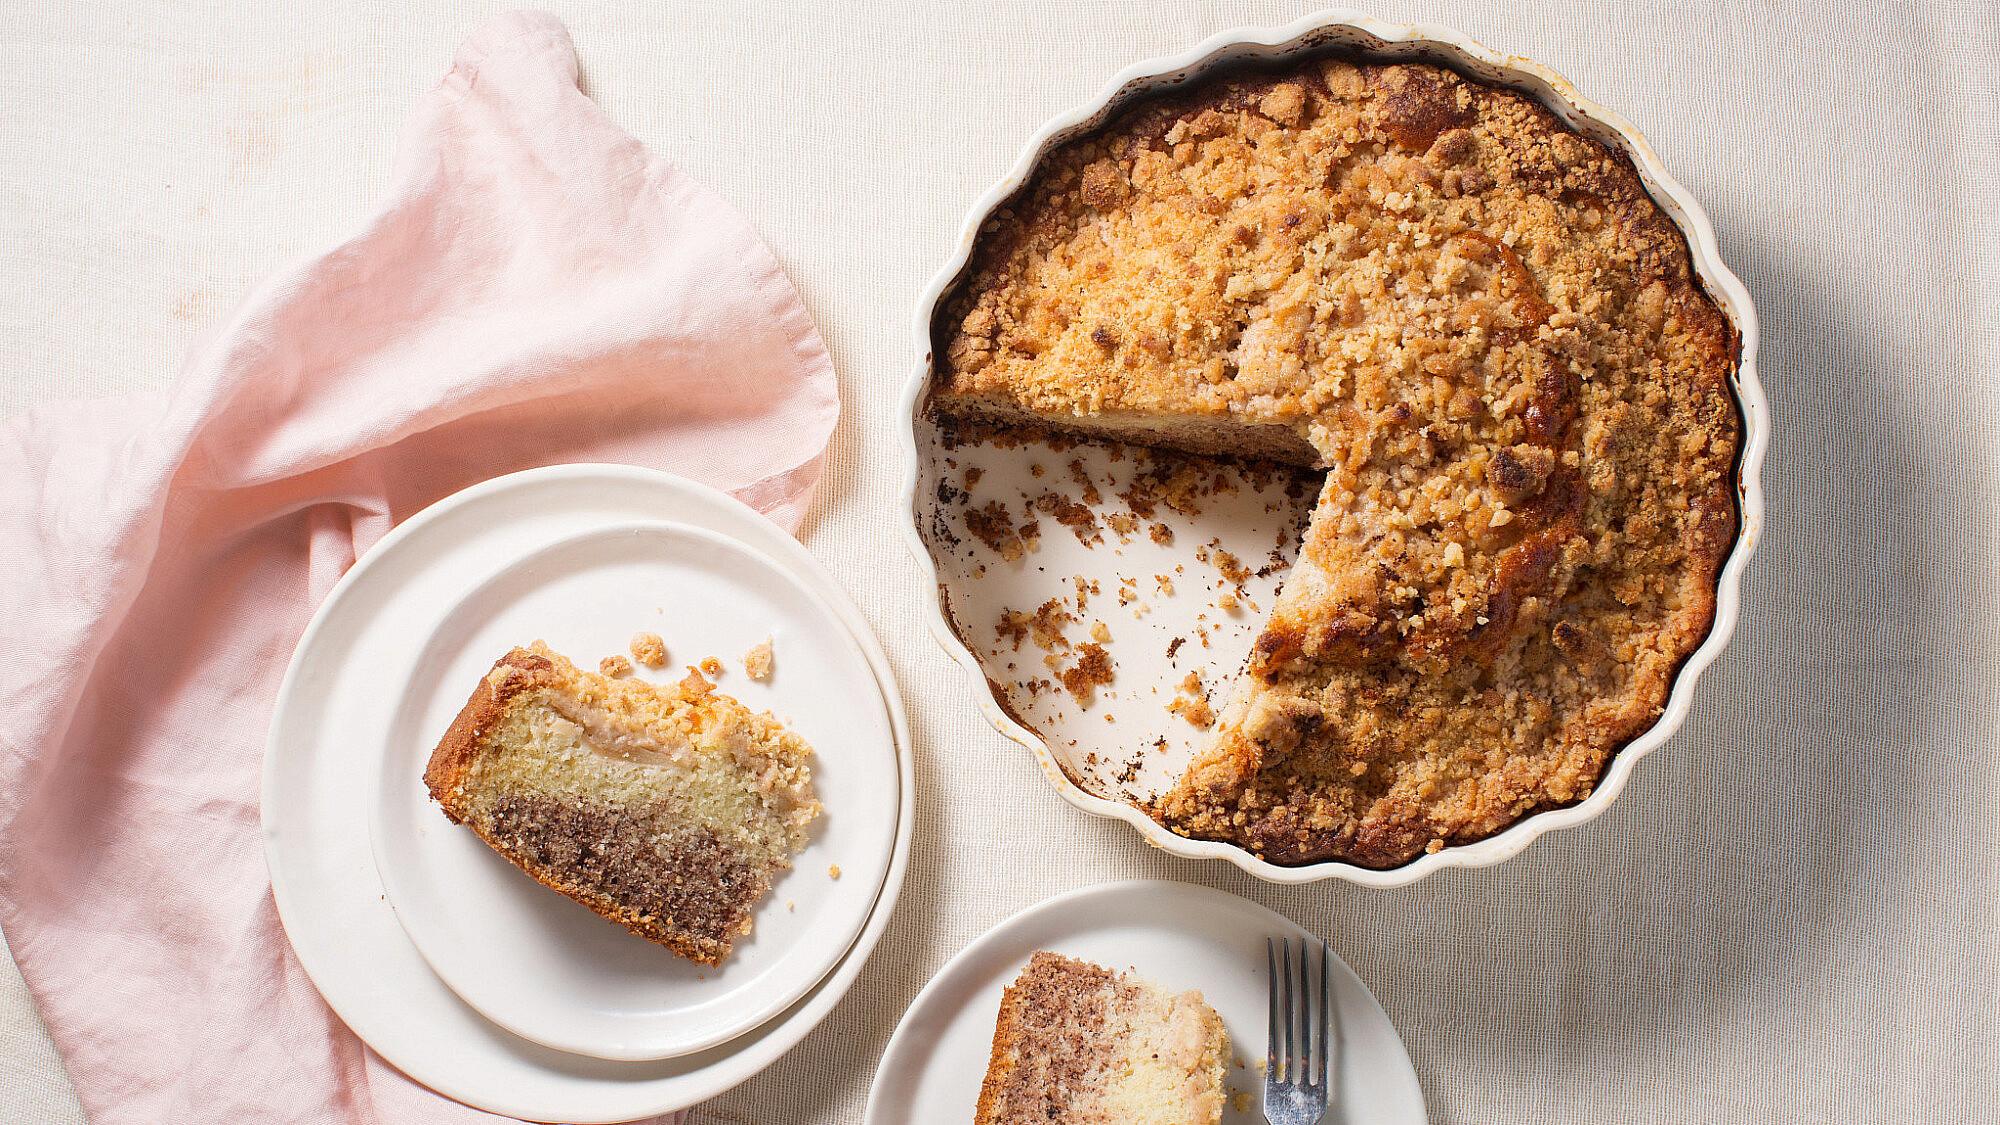 עוגת שיש תפוחים, קינמון ואגוזי לוז של קרן אגם. צילום: דניאל שכטר. סטיילינג: גיא כהן.